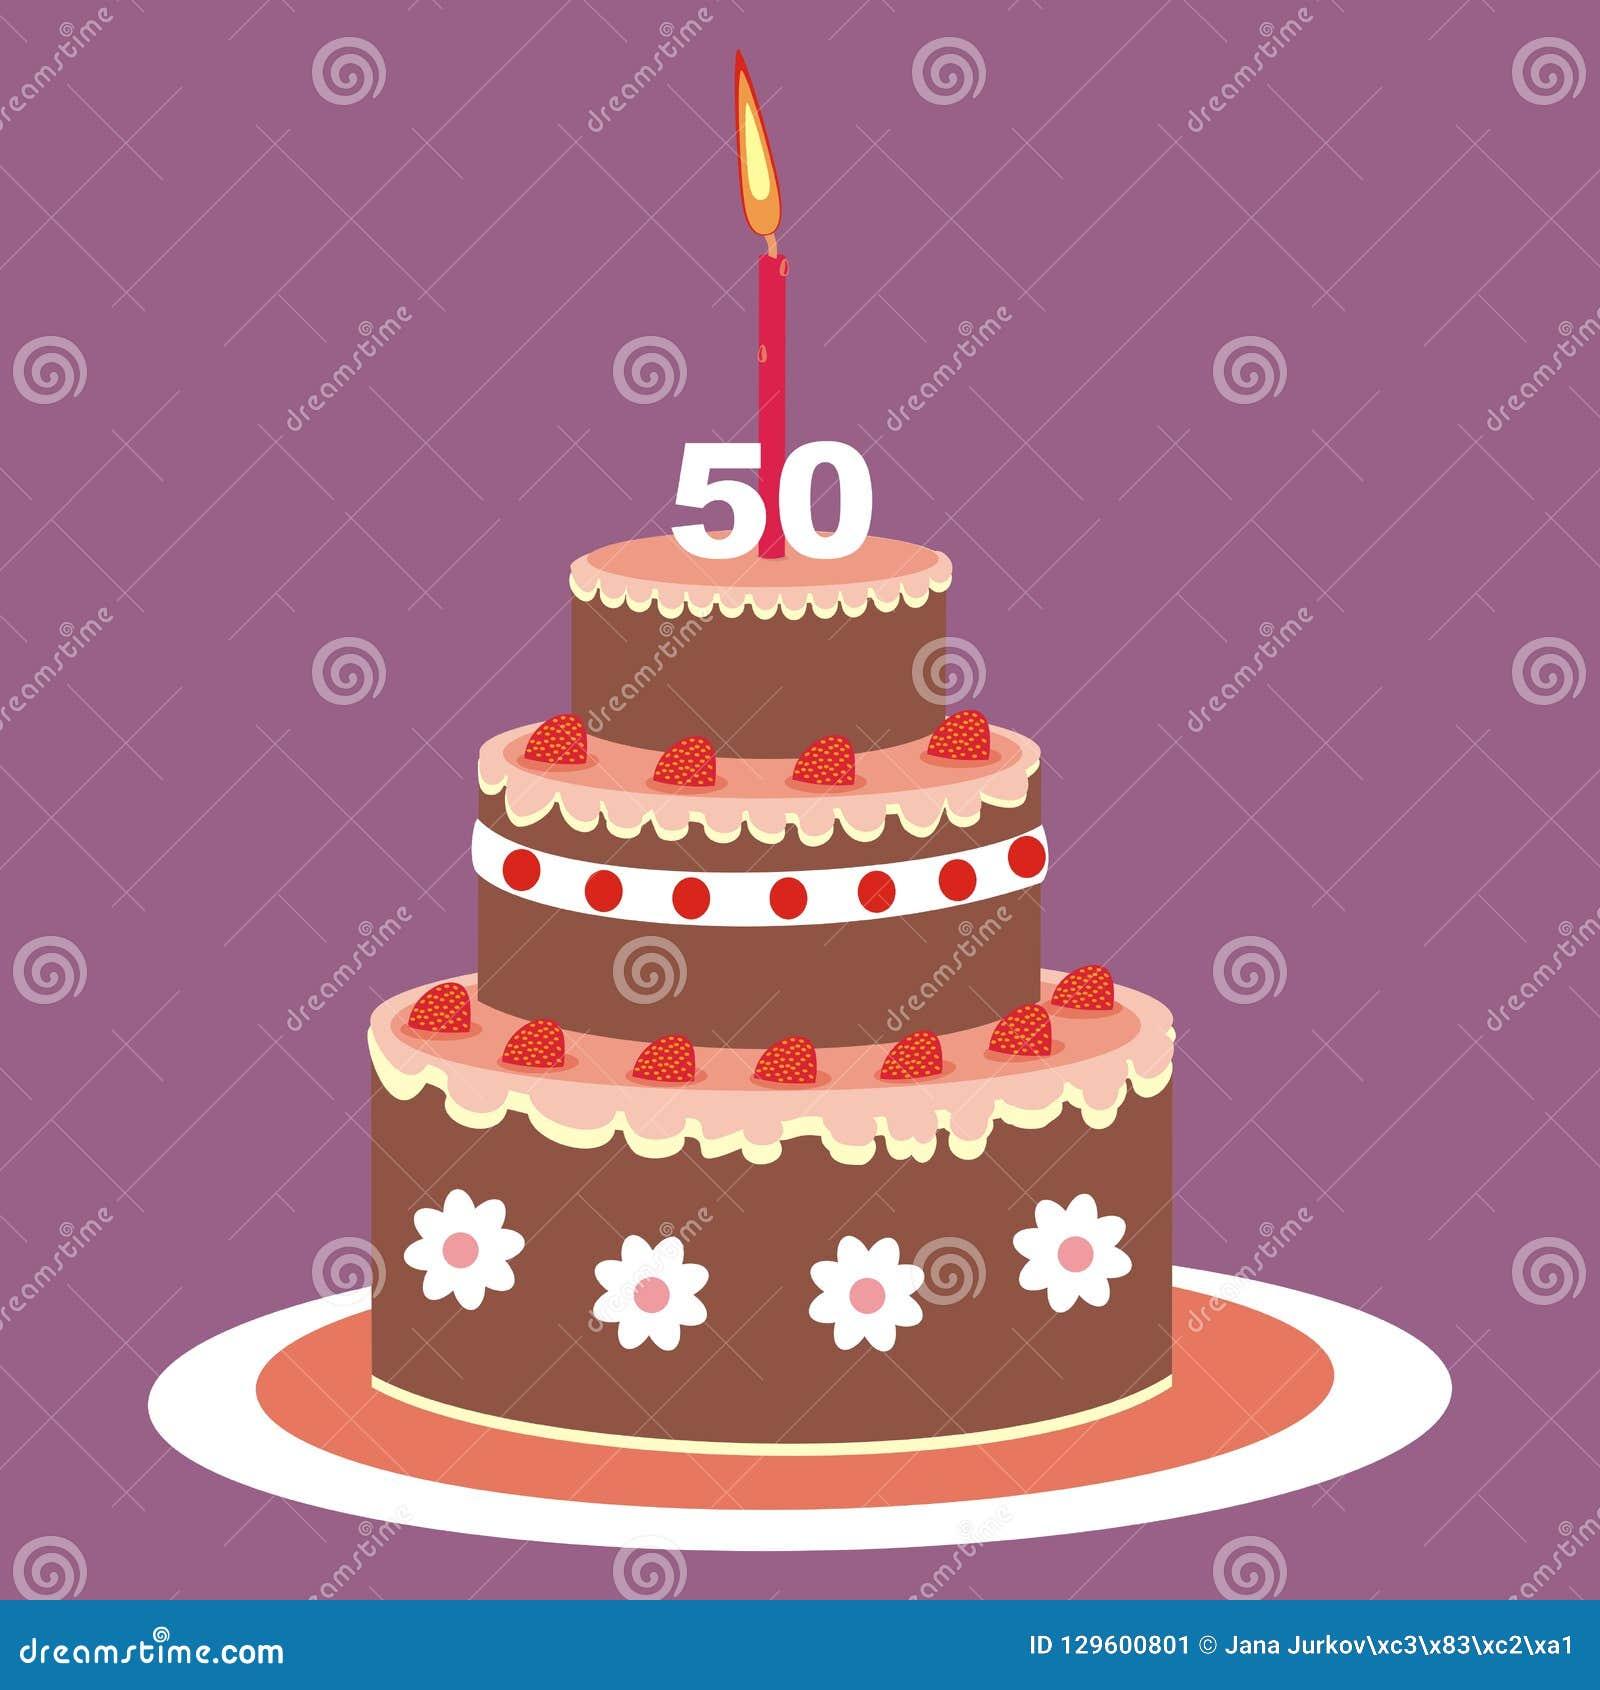 Geburtstagskuchen 50 Jährig Vektorillustration Vektor Abbildung